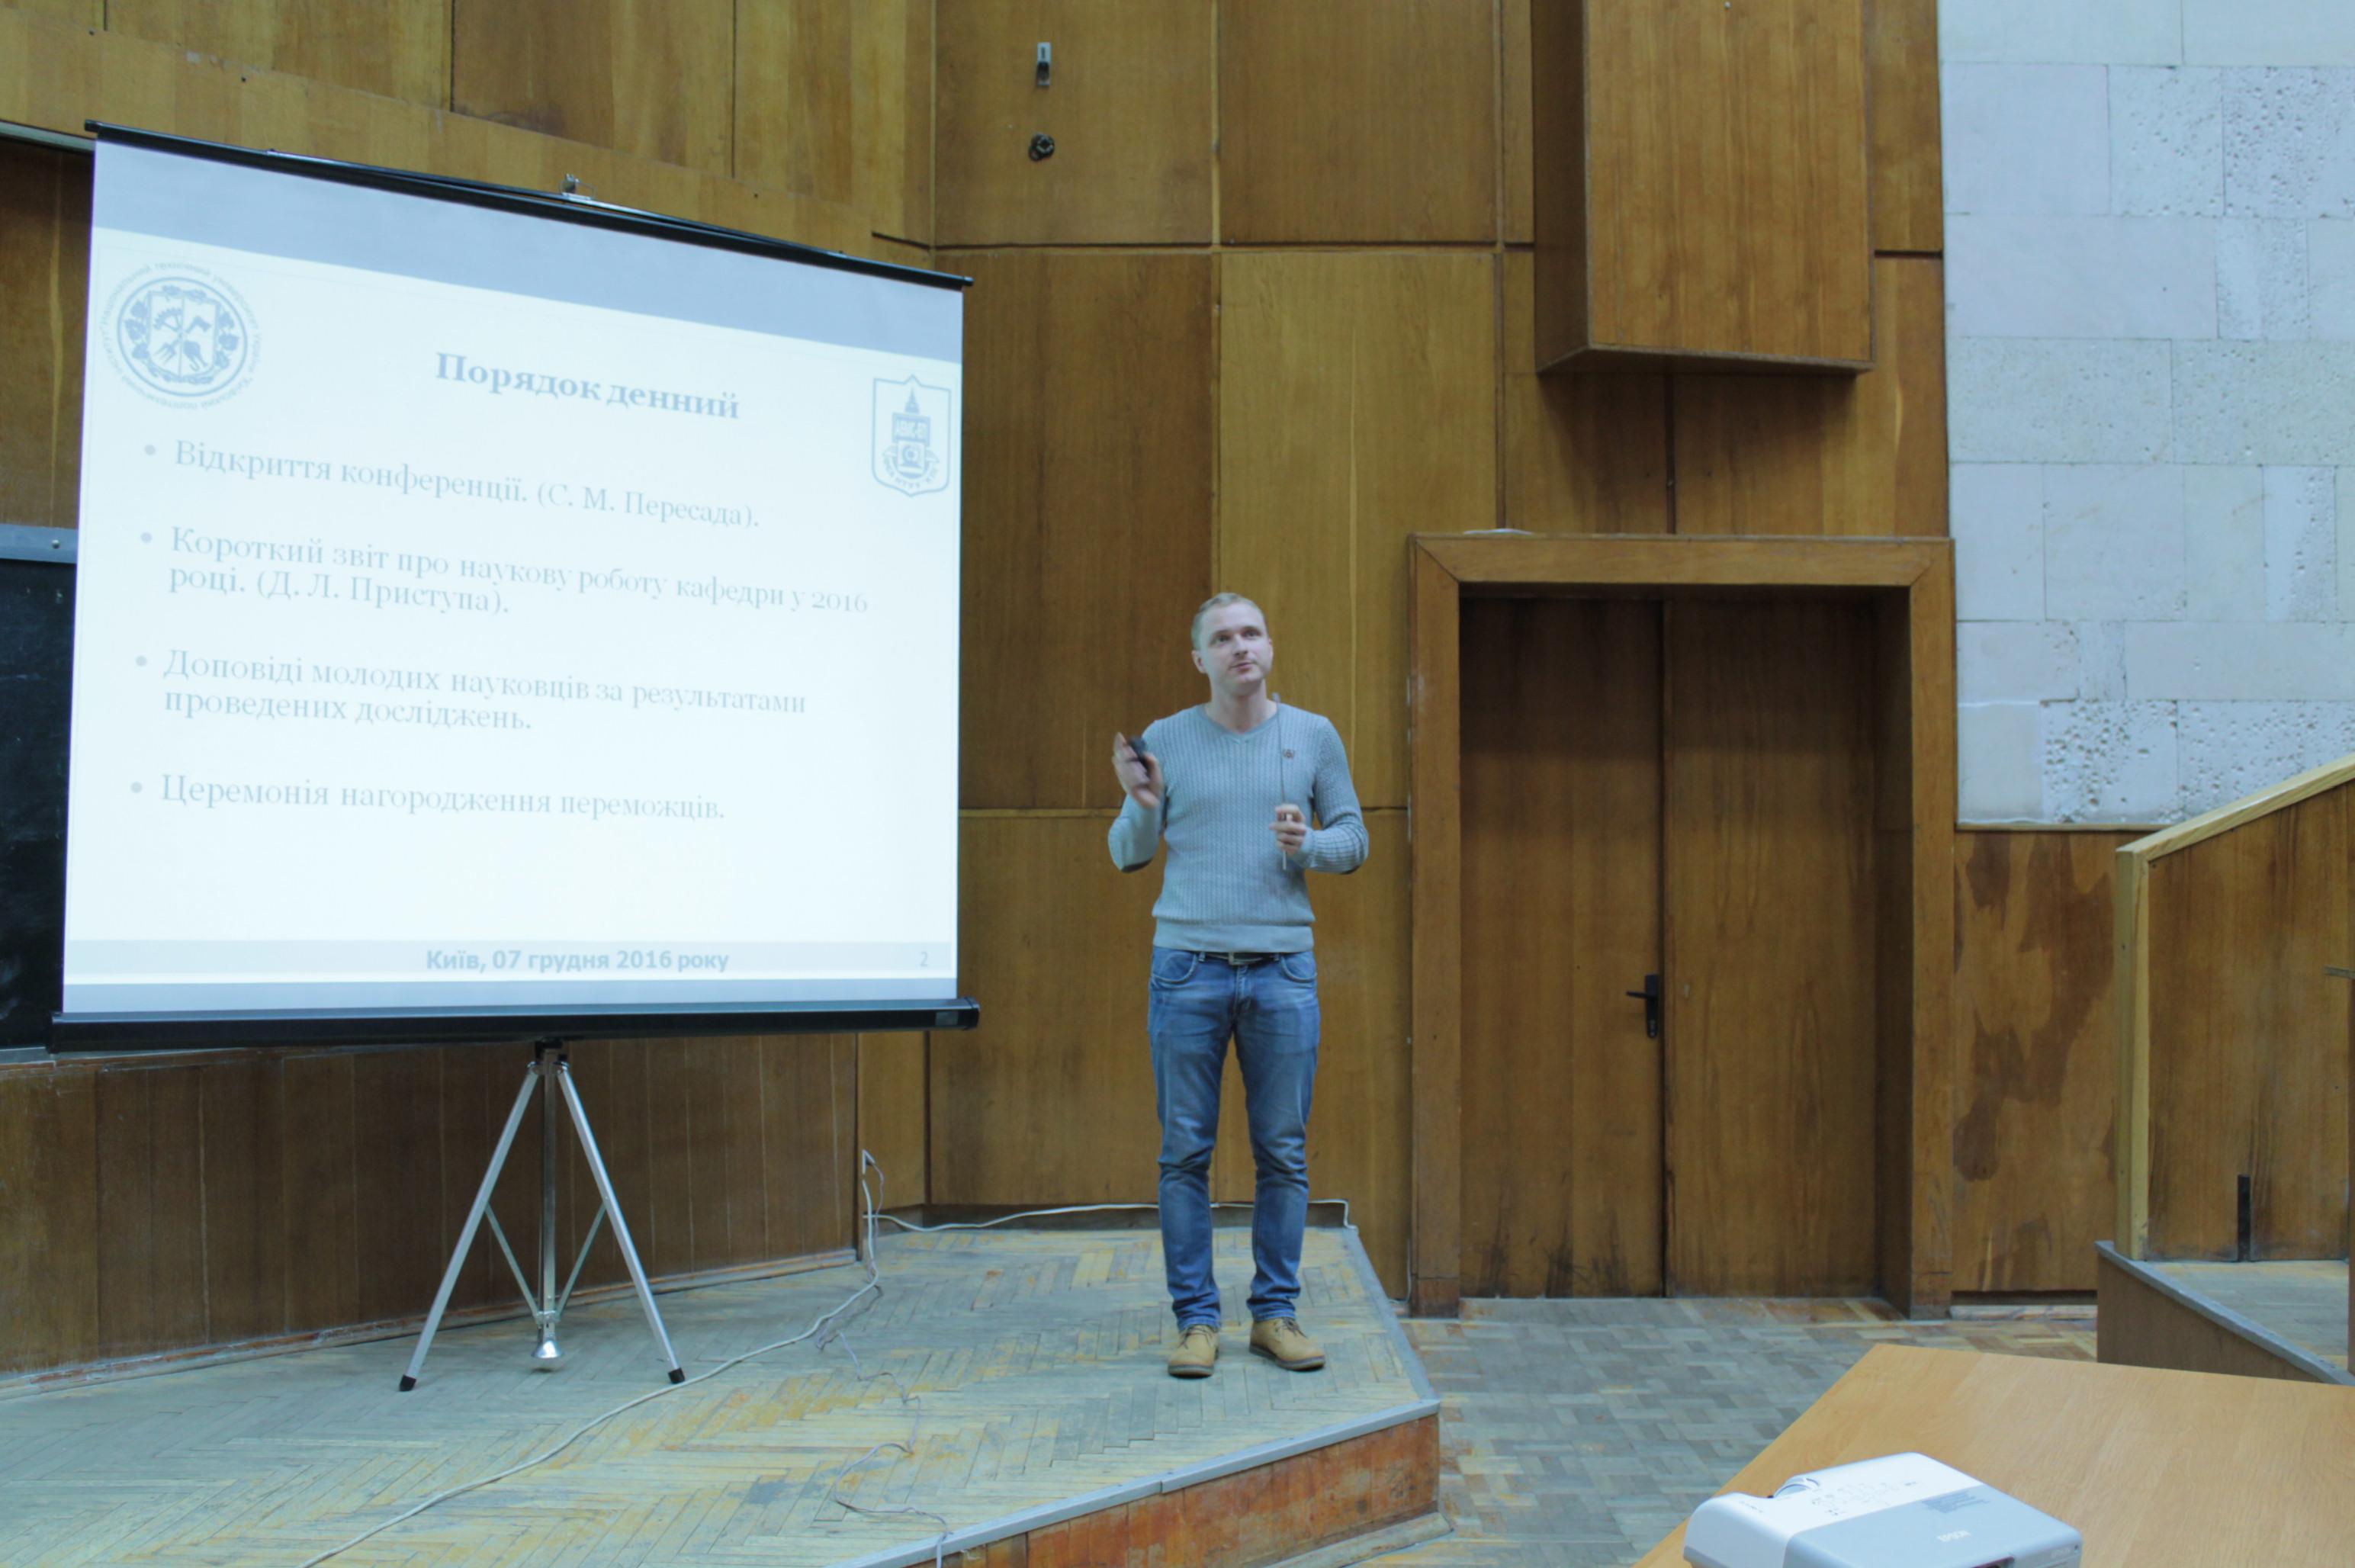 10та конференція СПЕА 2016 Приступа порядок денний